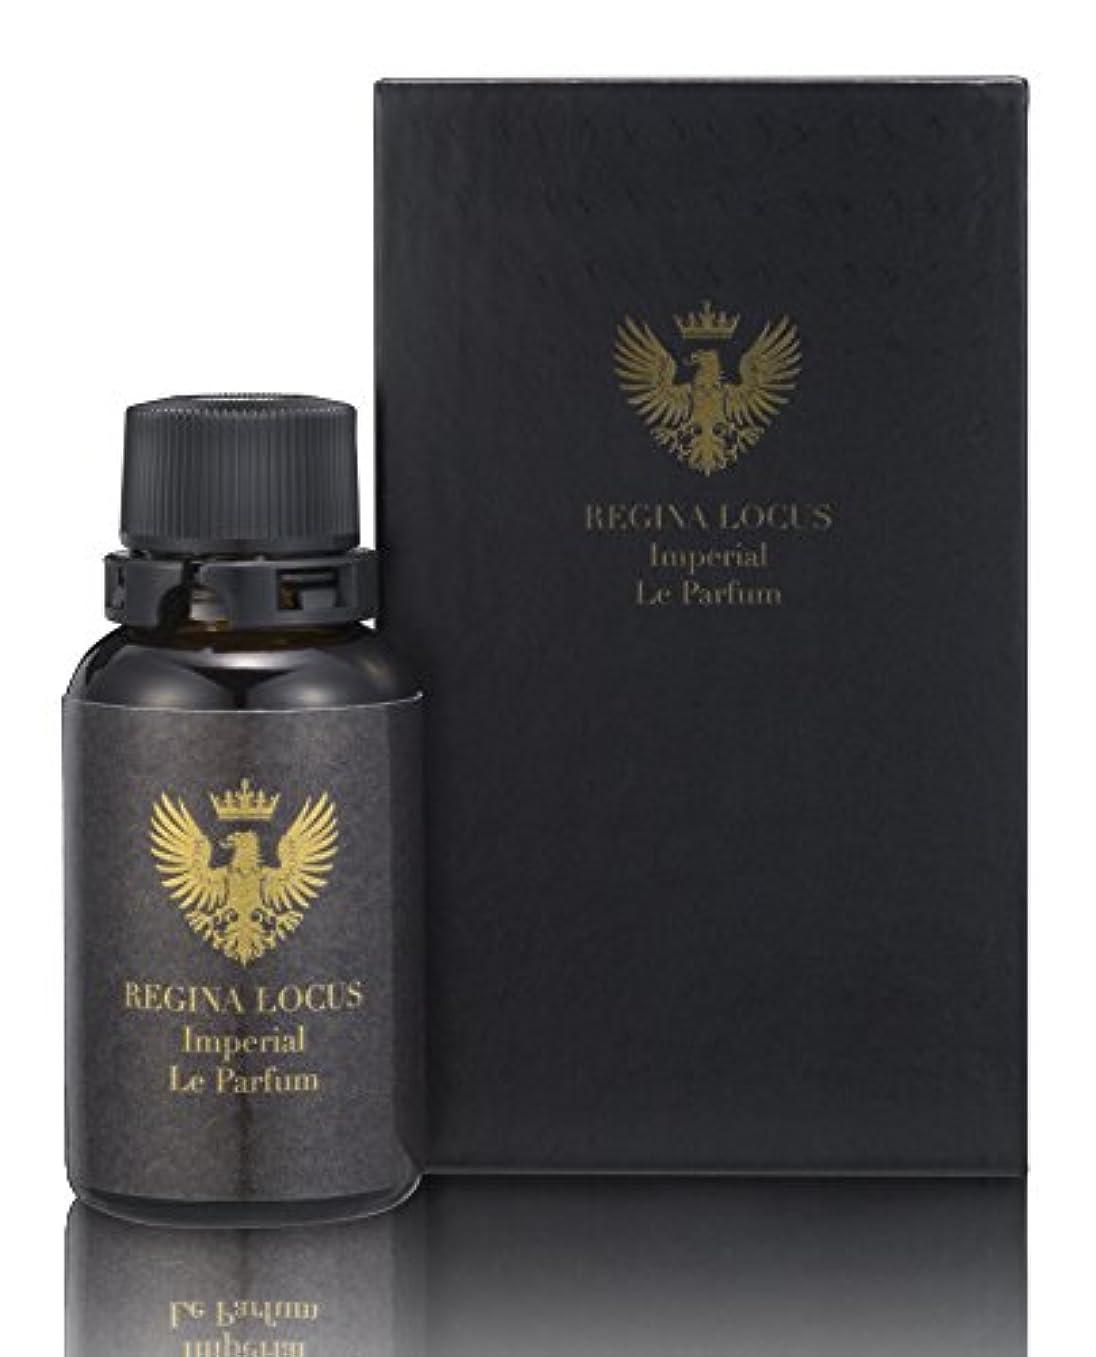 恥ヤング破裂メンズ 香水 紳士用 パフューム [ベルガモット ローズ シダーウッド] Imperial Le Parfum -ル パルファン- 30ml 【TENBUDO (旧REGINA LOCUS MEN)】